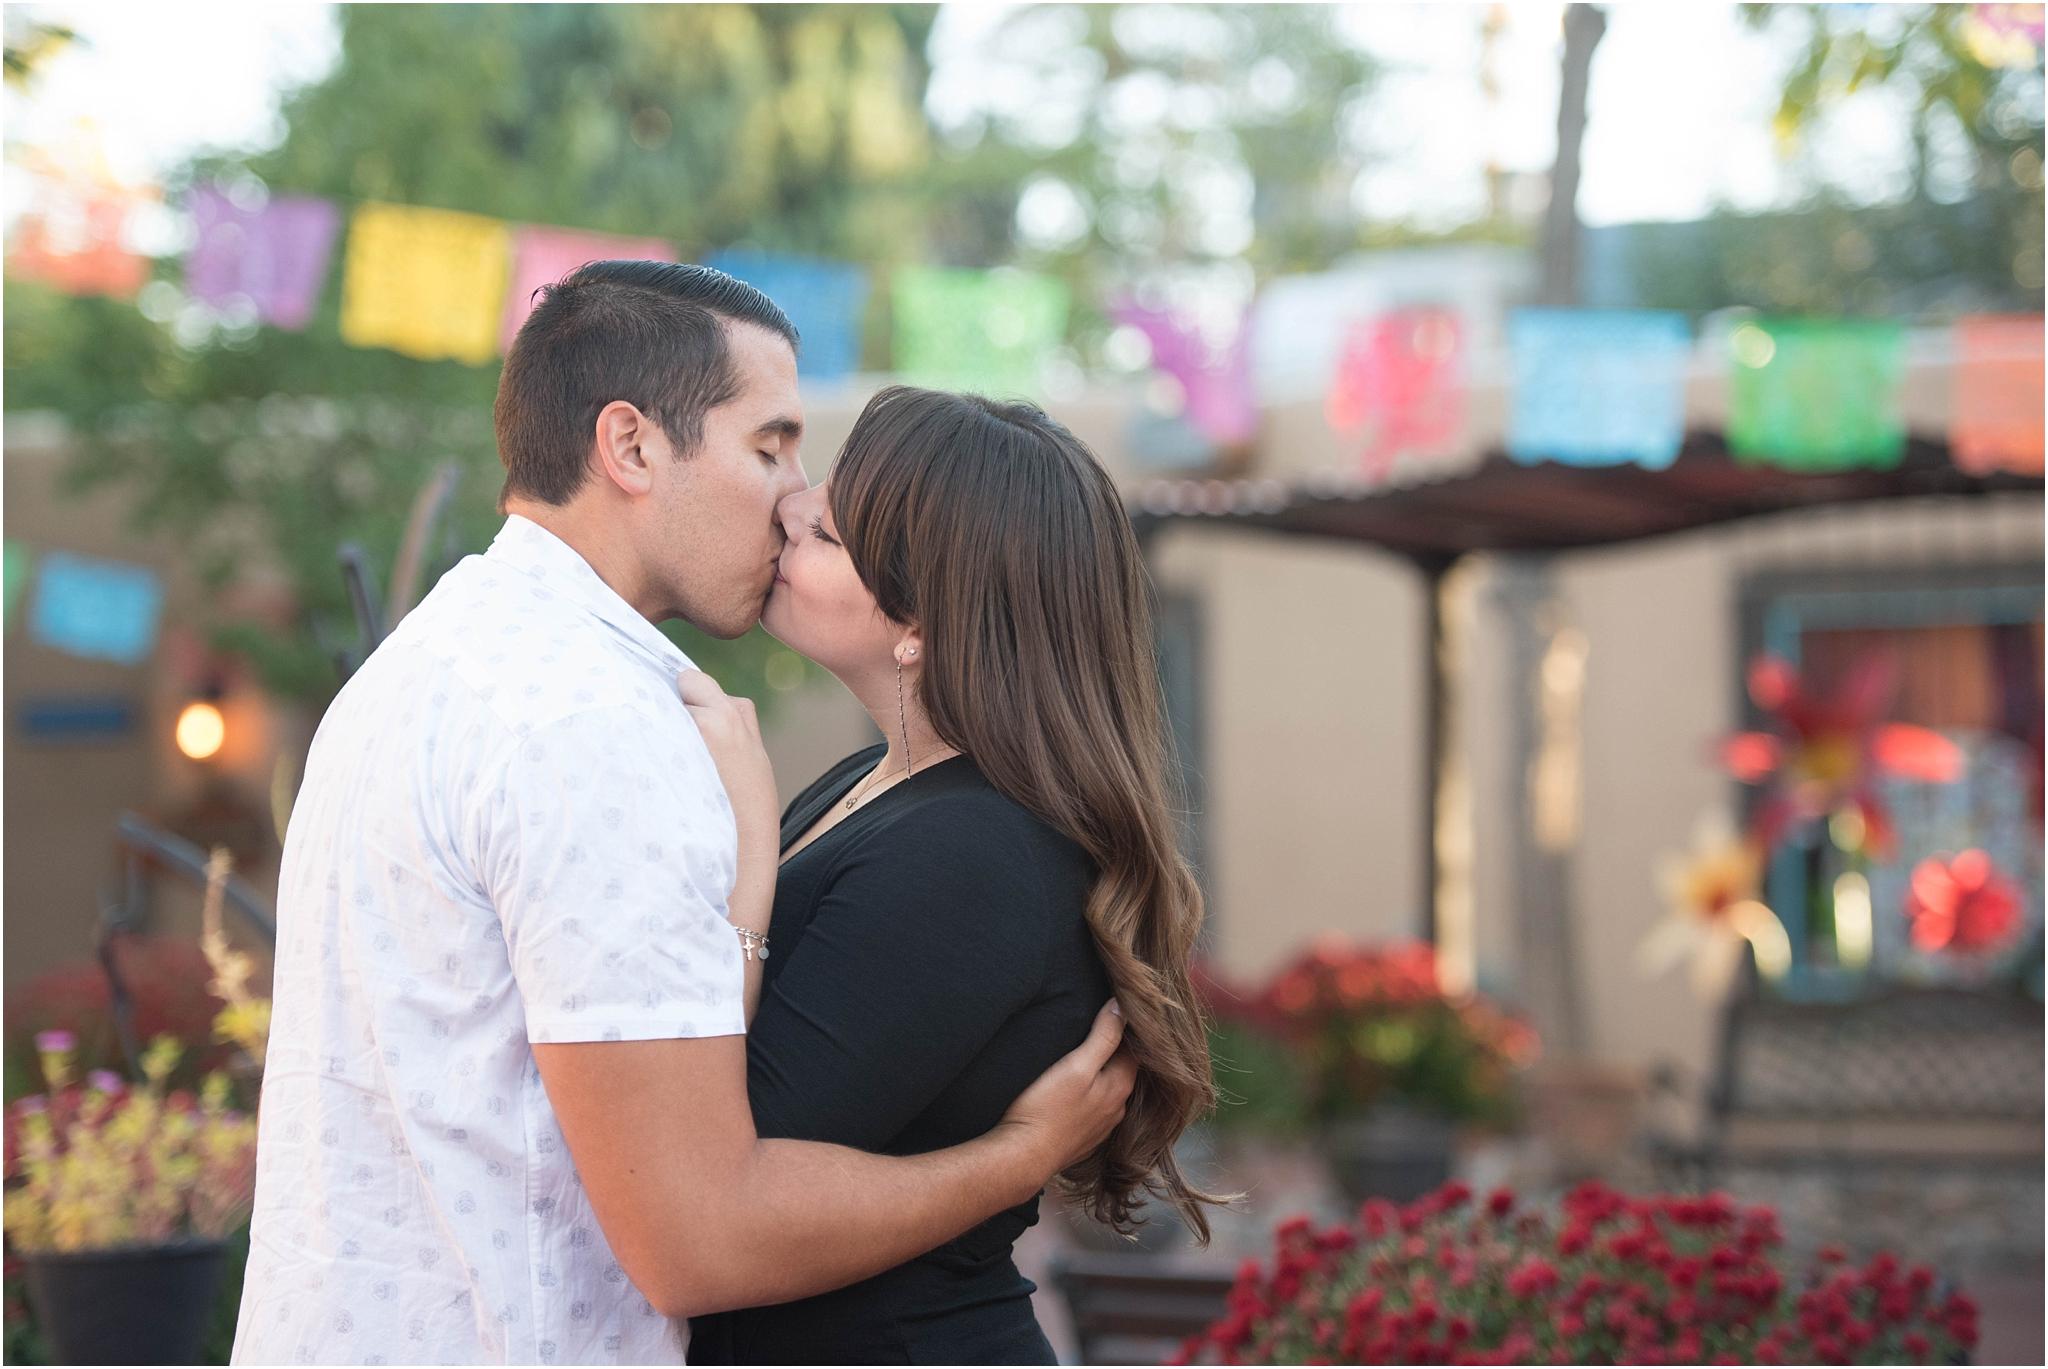 kayla kitts photography - new mexico wedding photographer - albuquerque botanic gardens - hotel albuquerque_0076.jpg